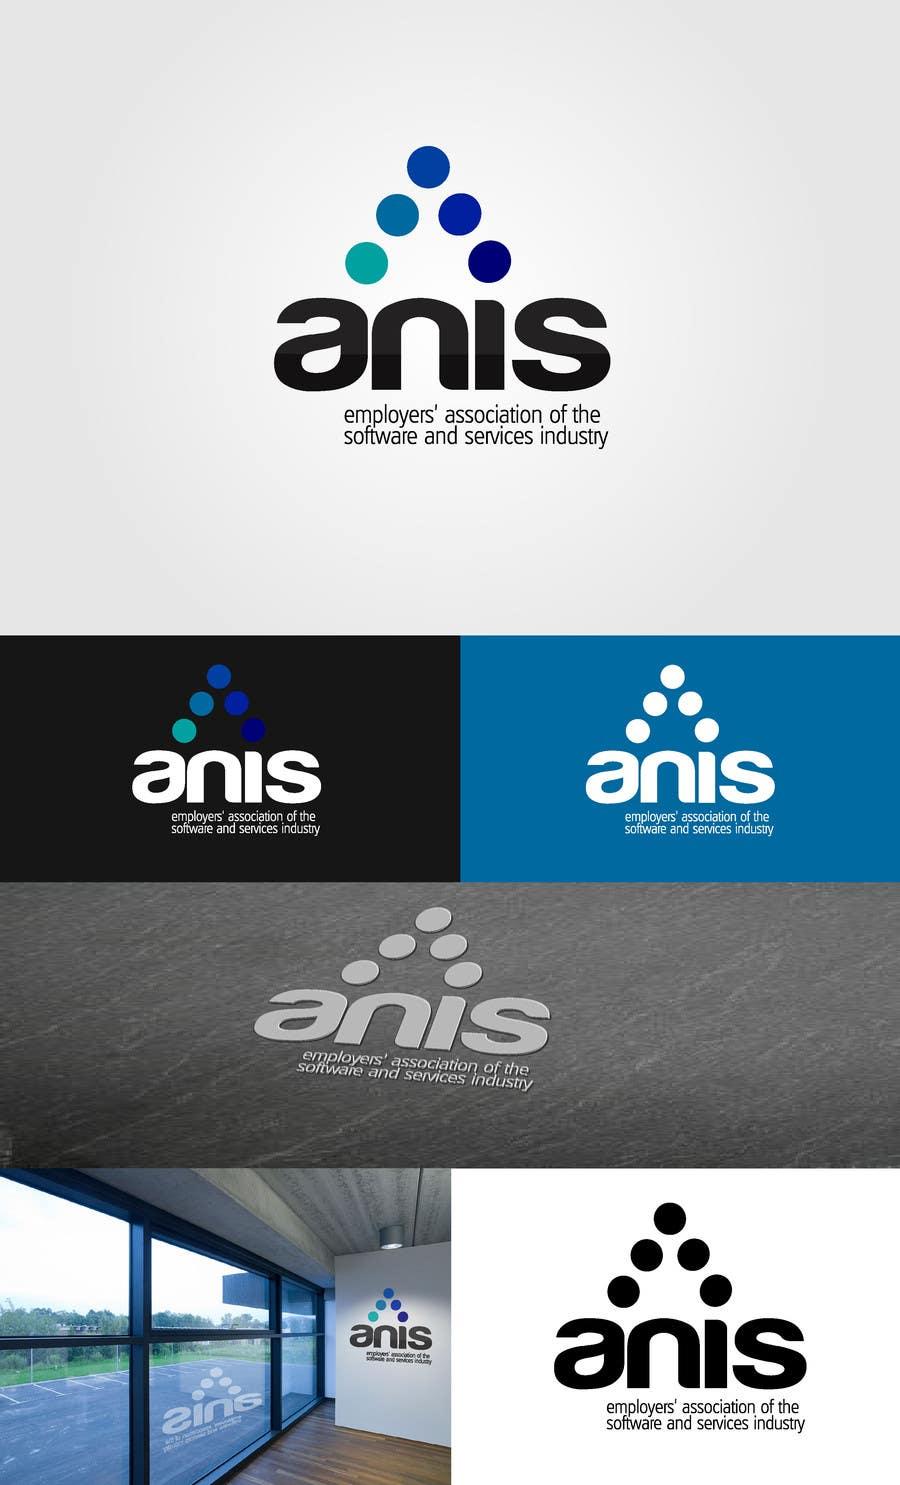 Inscrição nº 52 do Concurso para Design a Logo for a software association